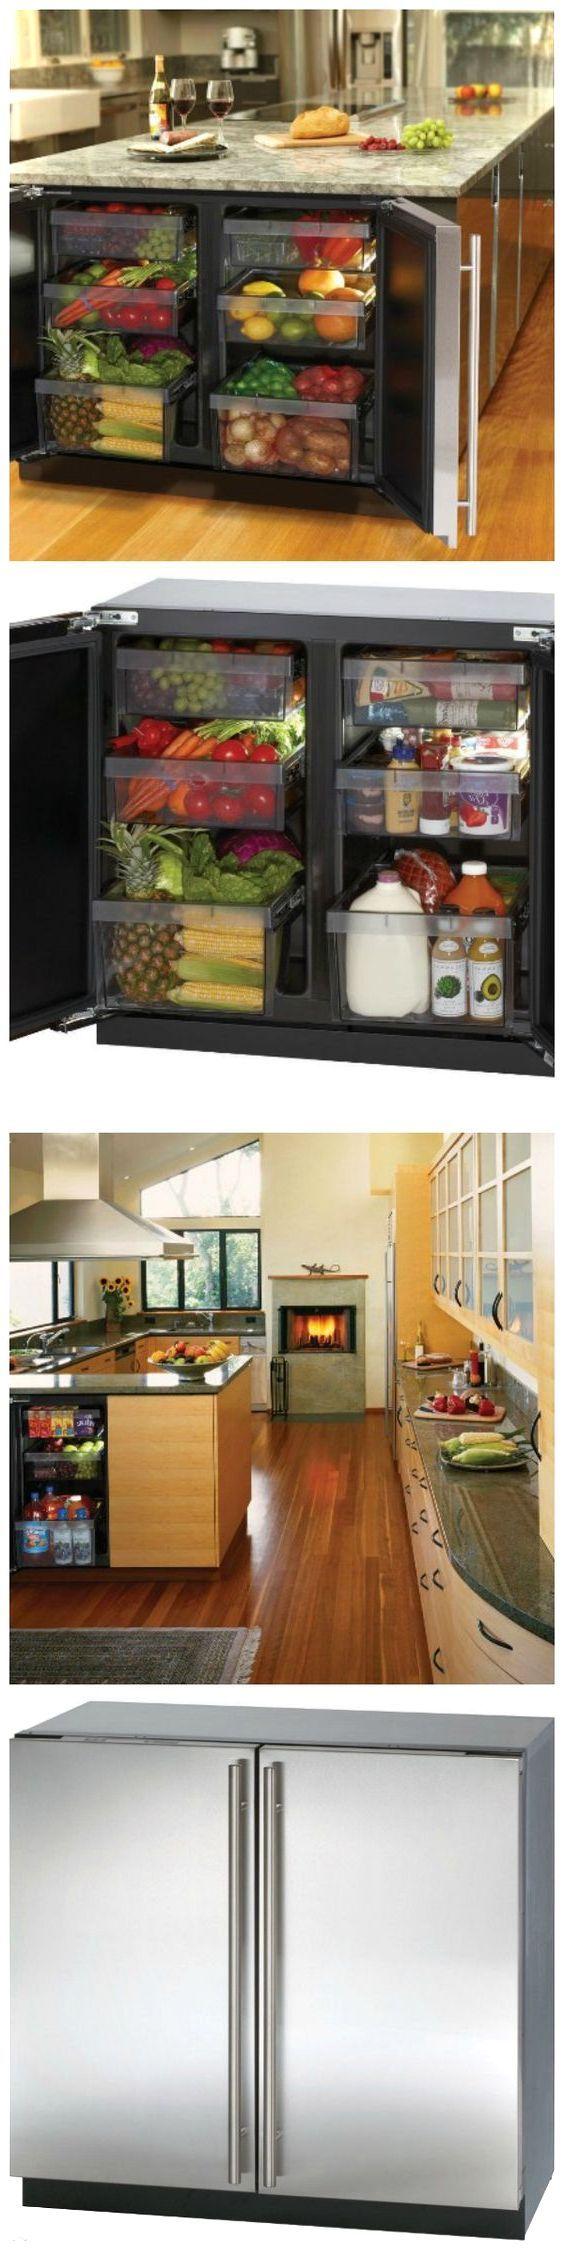 Undercounter+Refrigerator+For+Modern+Kitchen